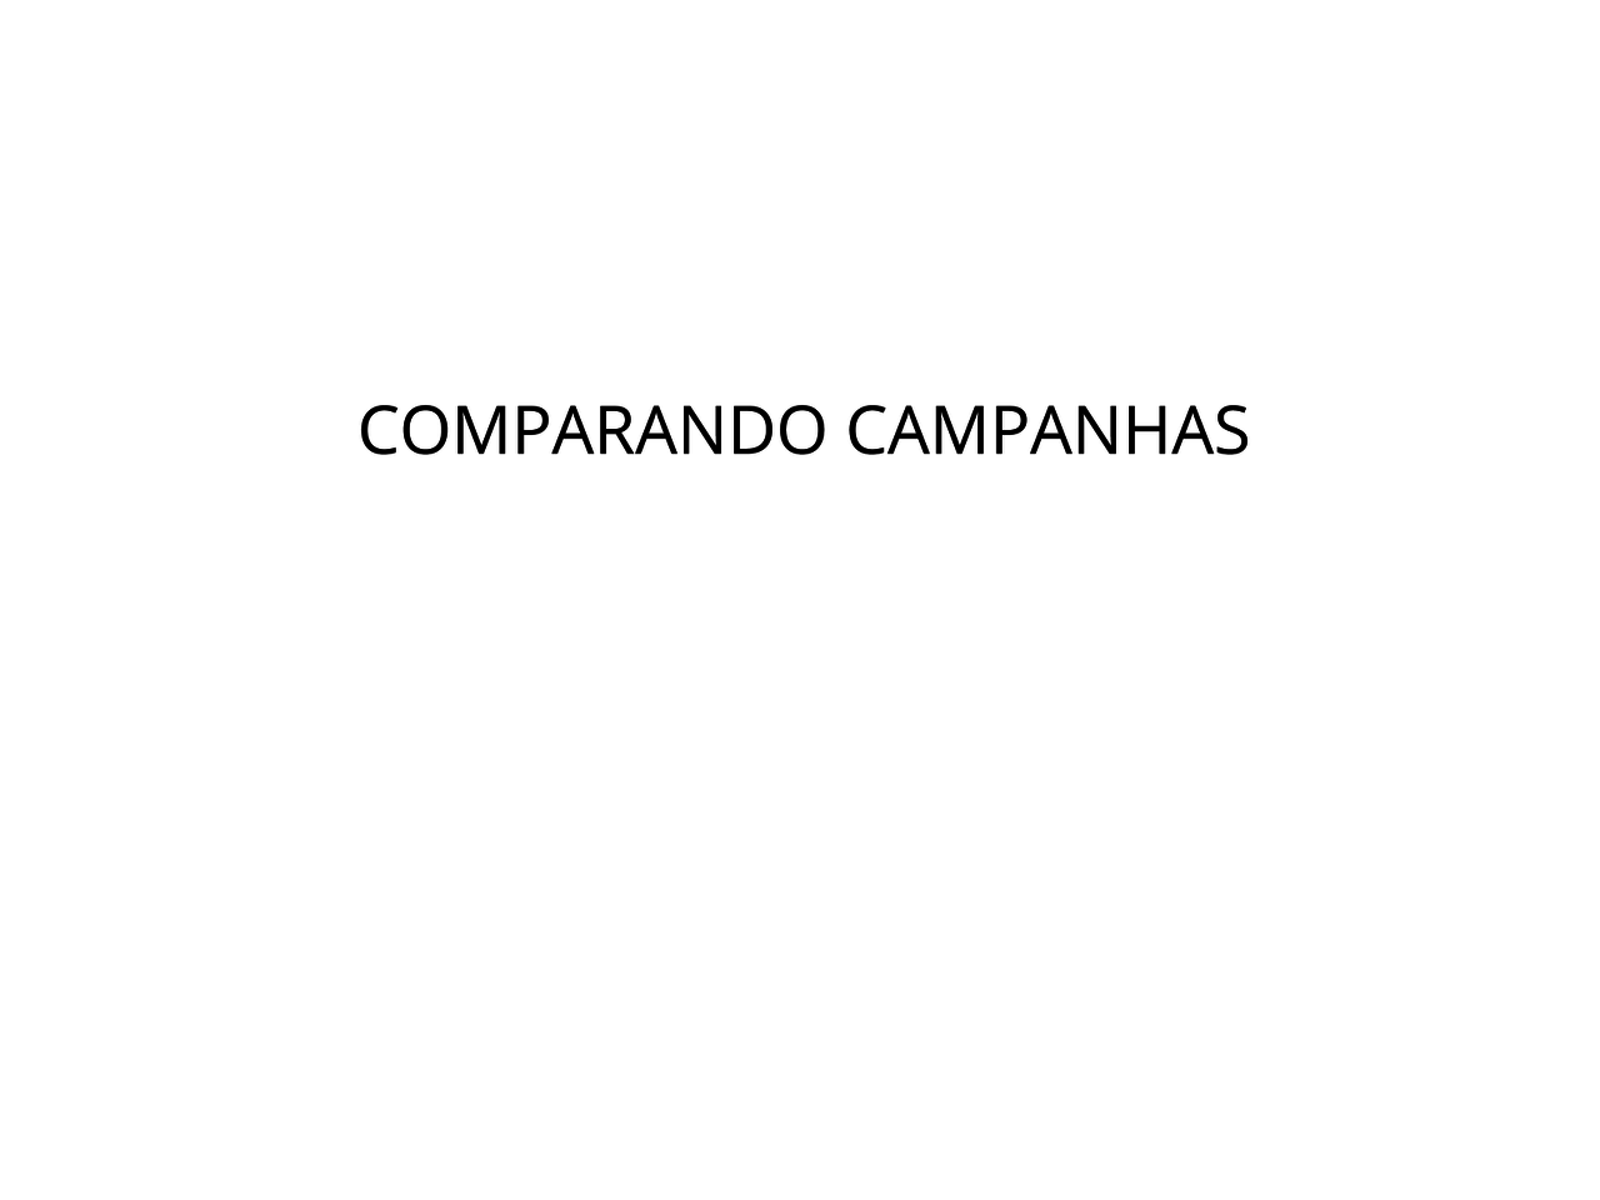 Comparando campanhas